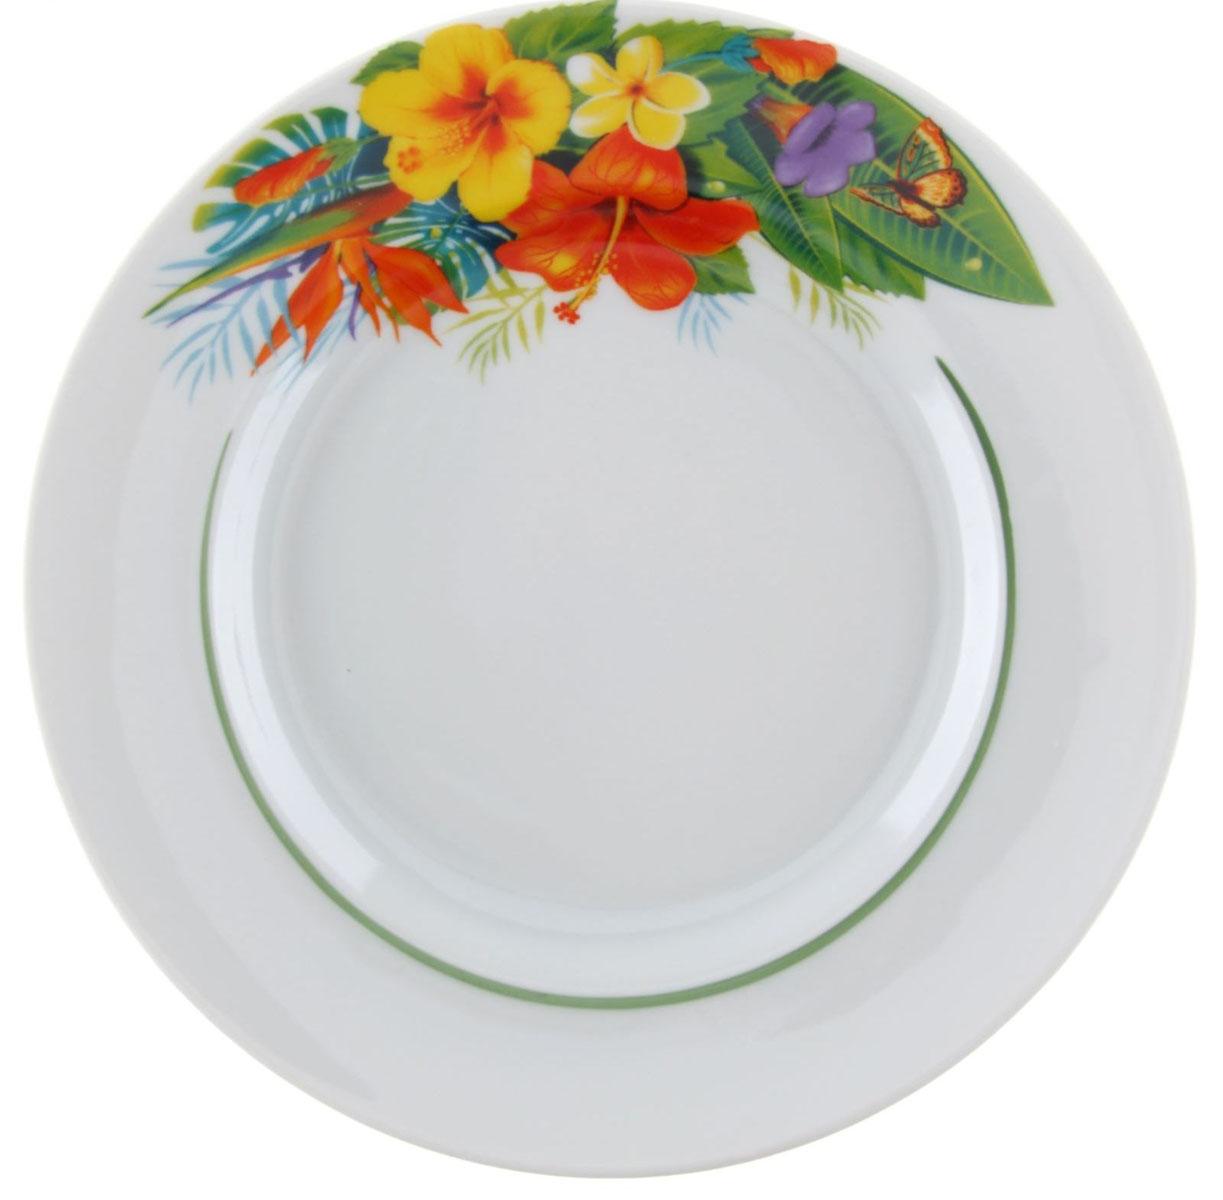 """Мелкая тарелка """"Идиллия. Райский остров"""" выполнена из высококачественного фарфора и украшена изображением цветов. Она прекрасно впишется в интерьер вашей кухни и станет достойным дополнением к кухонному инвентарю. Тарелка """"Идиллия. Райский остров"""" подчеркнет прекрасный вкус хозяйки и станет отличным подарком. Диаметр: 20 см."""